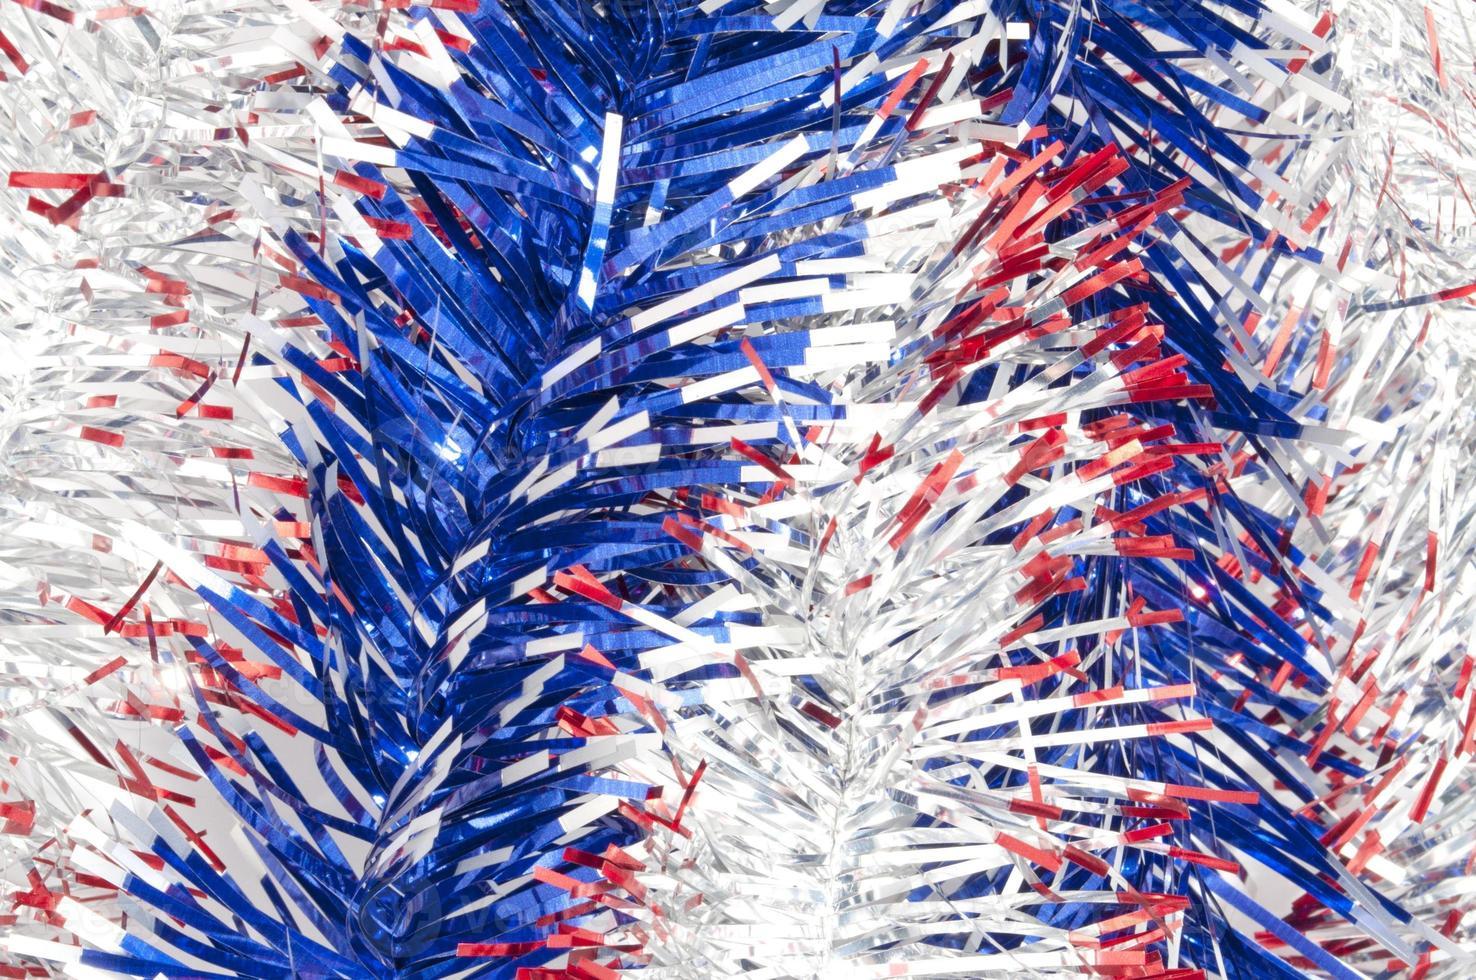 silberne rote und blaue Bänder foto